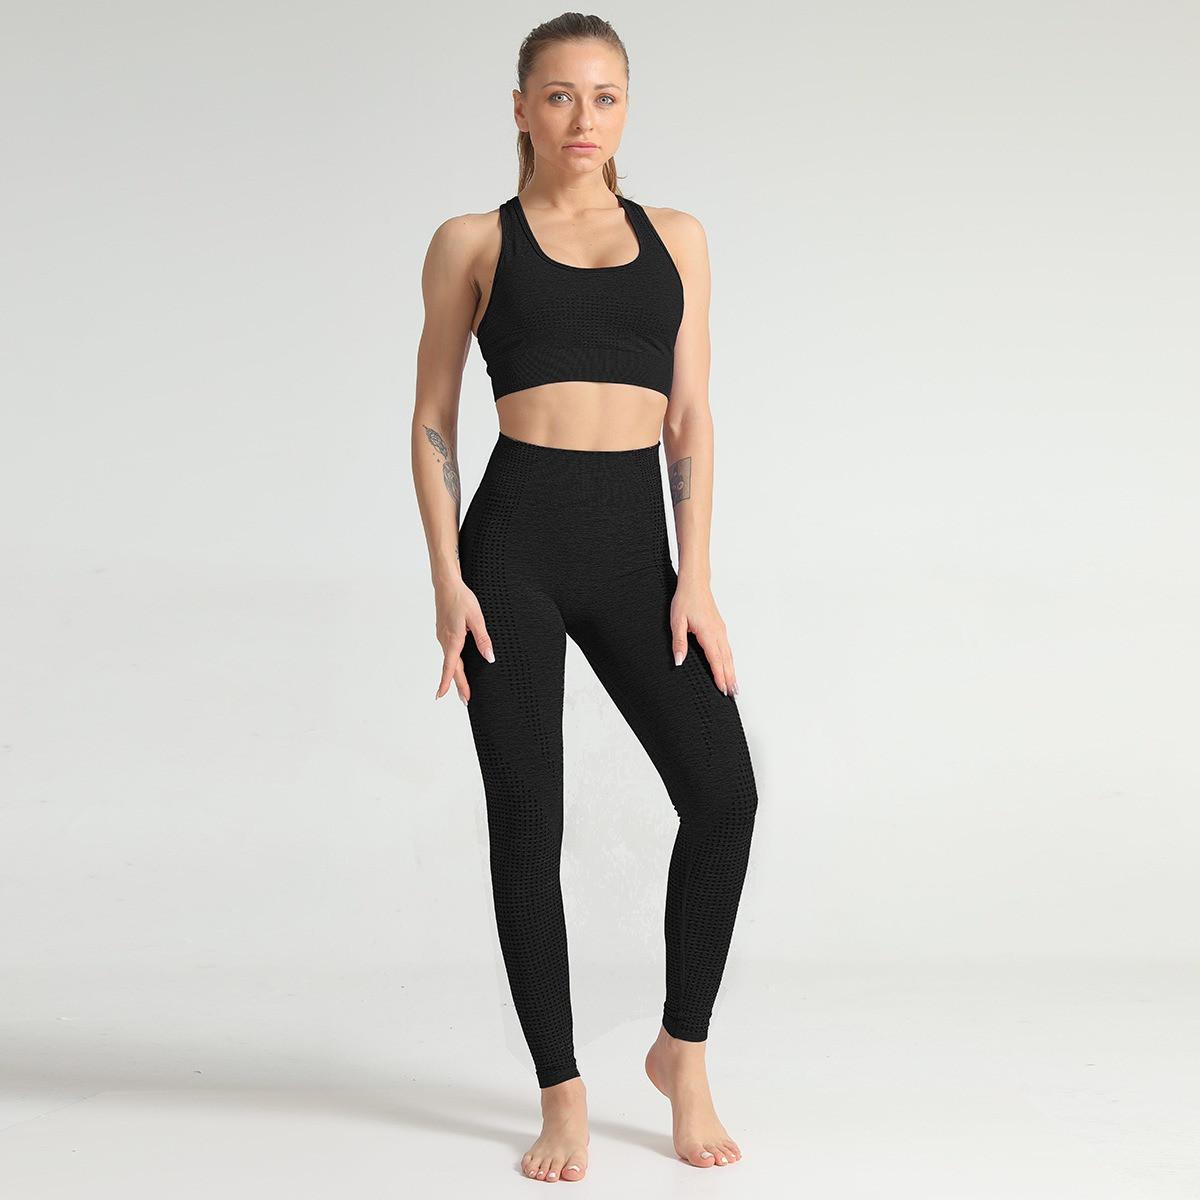 Спортивний костюм жіночий безшовний компресійний для фітнесу. Комплект лосини і топ, розмір M (чорний)